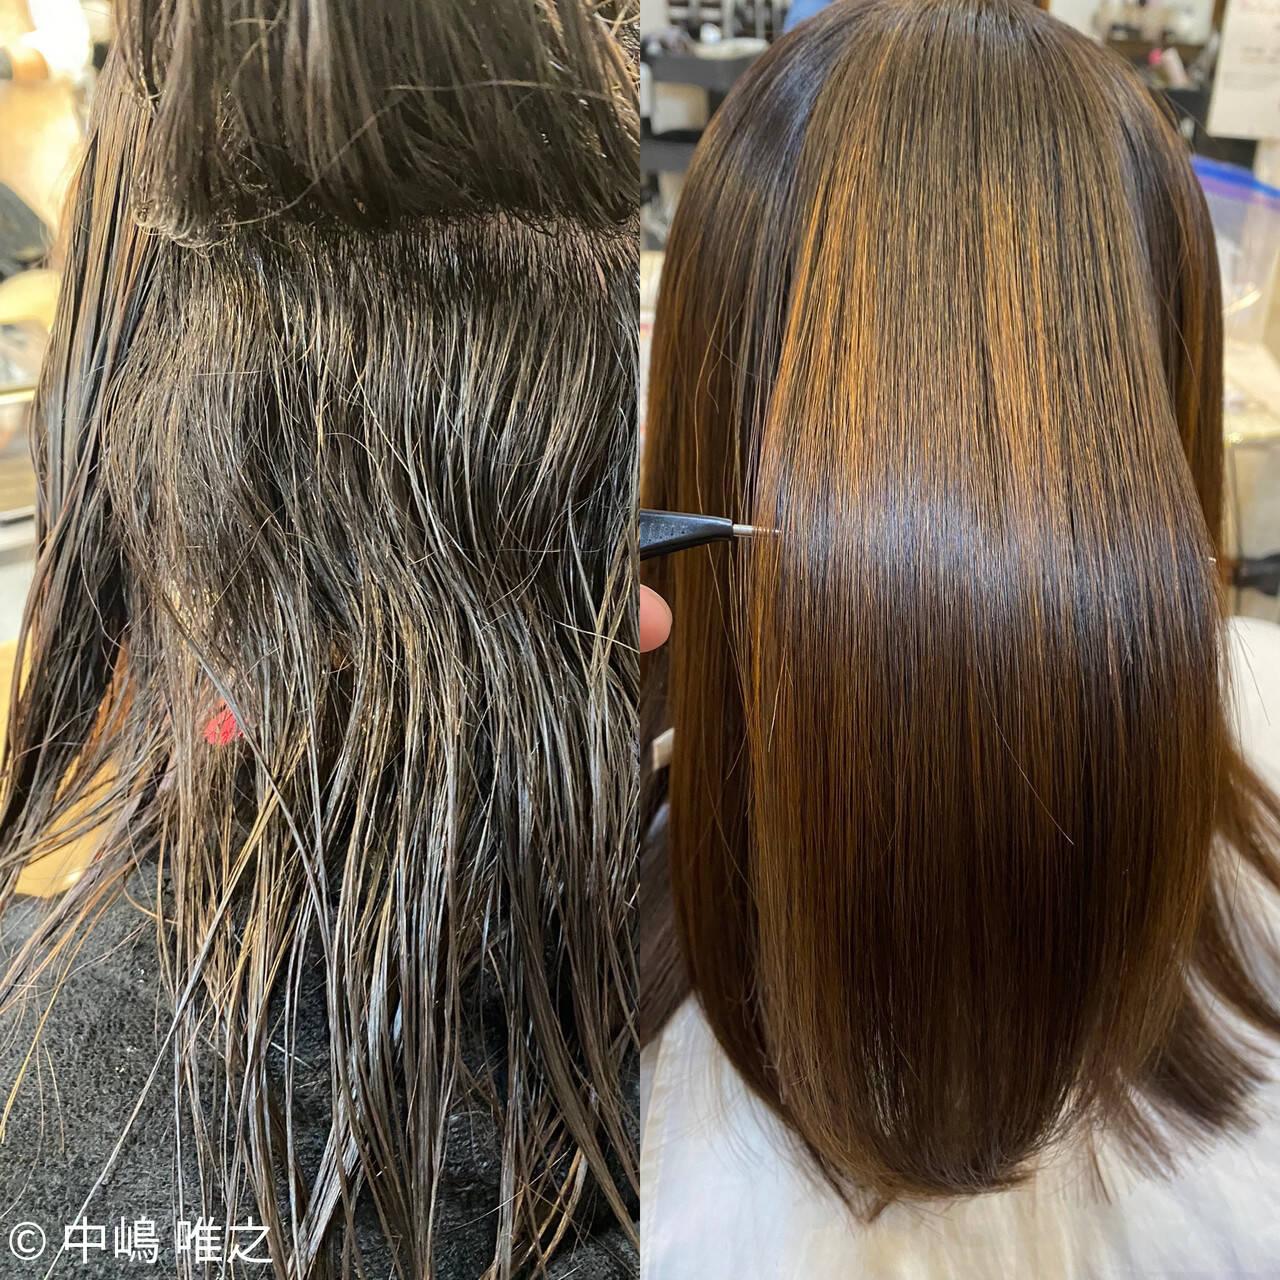 艶髪 ストレート セミロング ナチュラルヘアスタイルや髪型の写真・画像